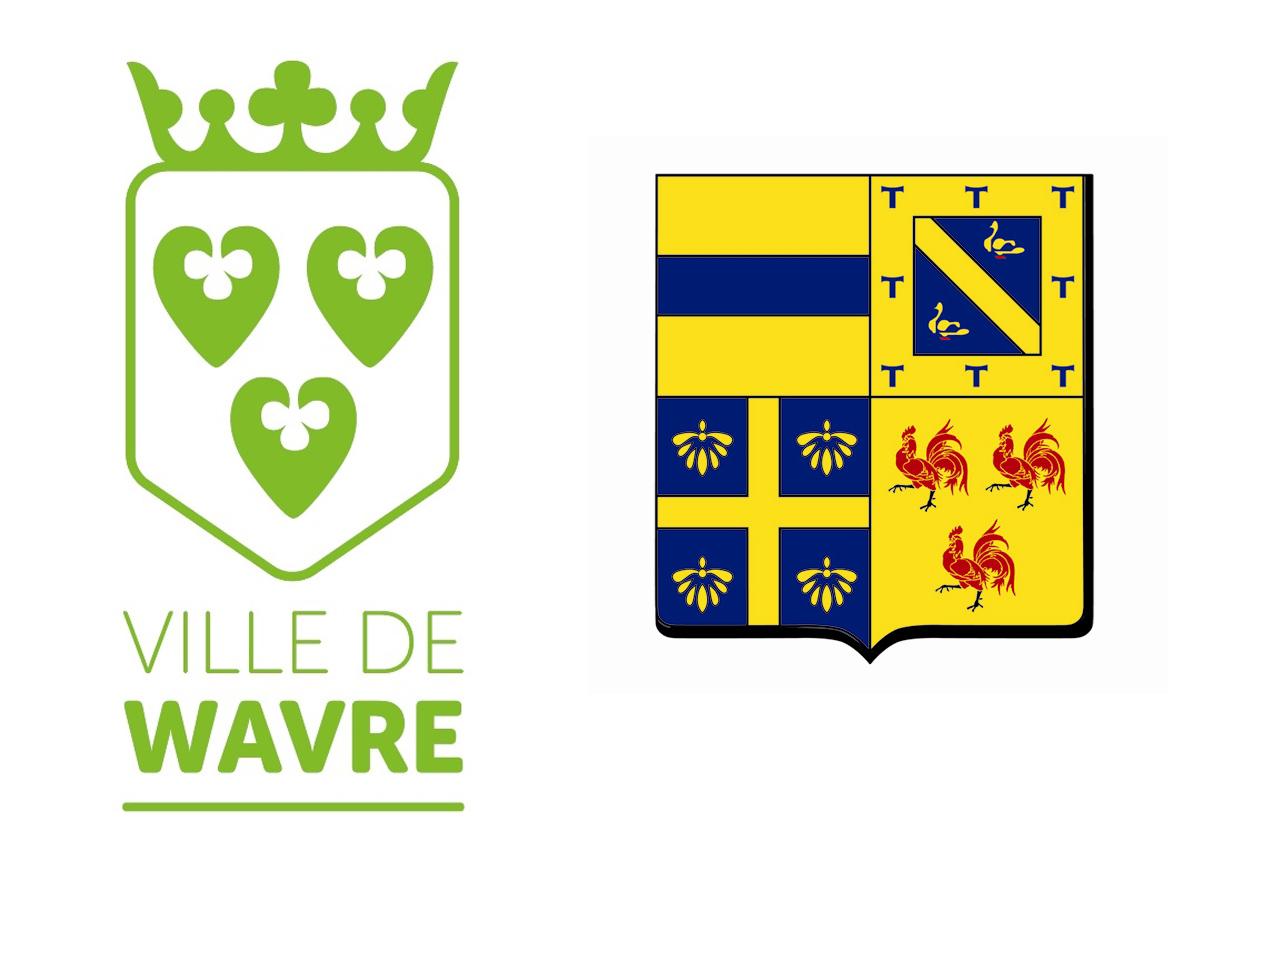 Ville de Wavre - Ville d'Ottignies-Louvain-la-Neuve